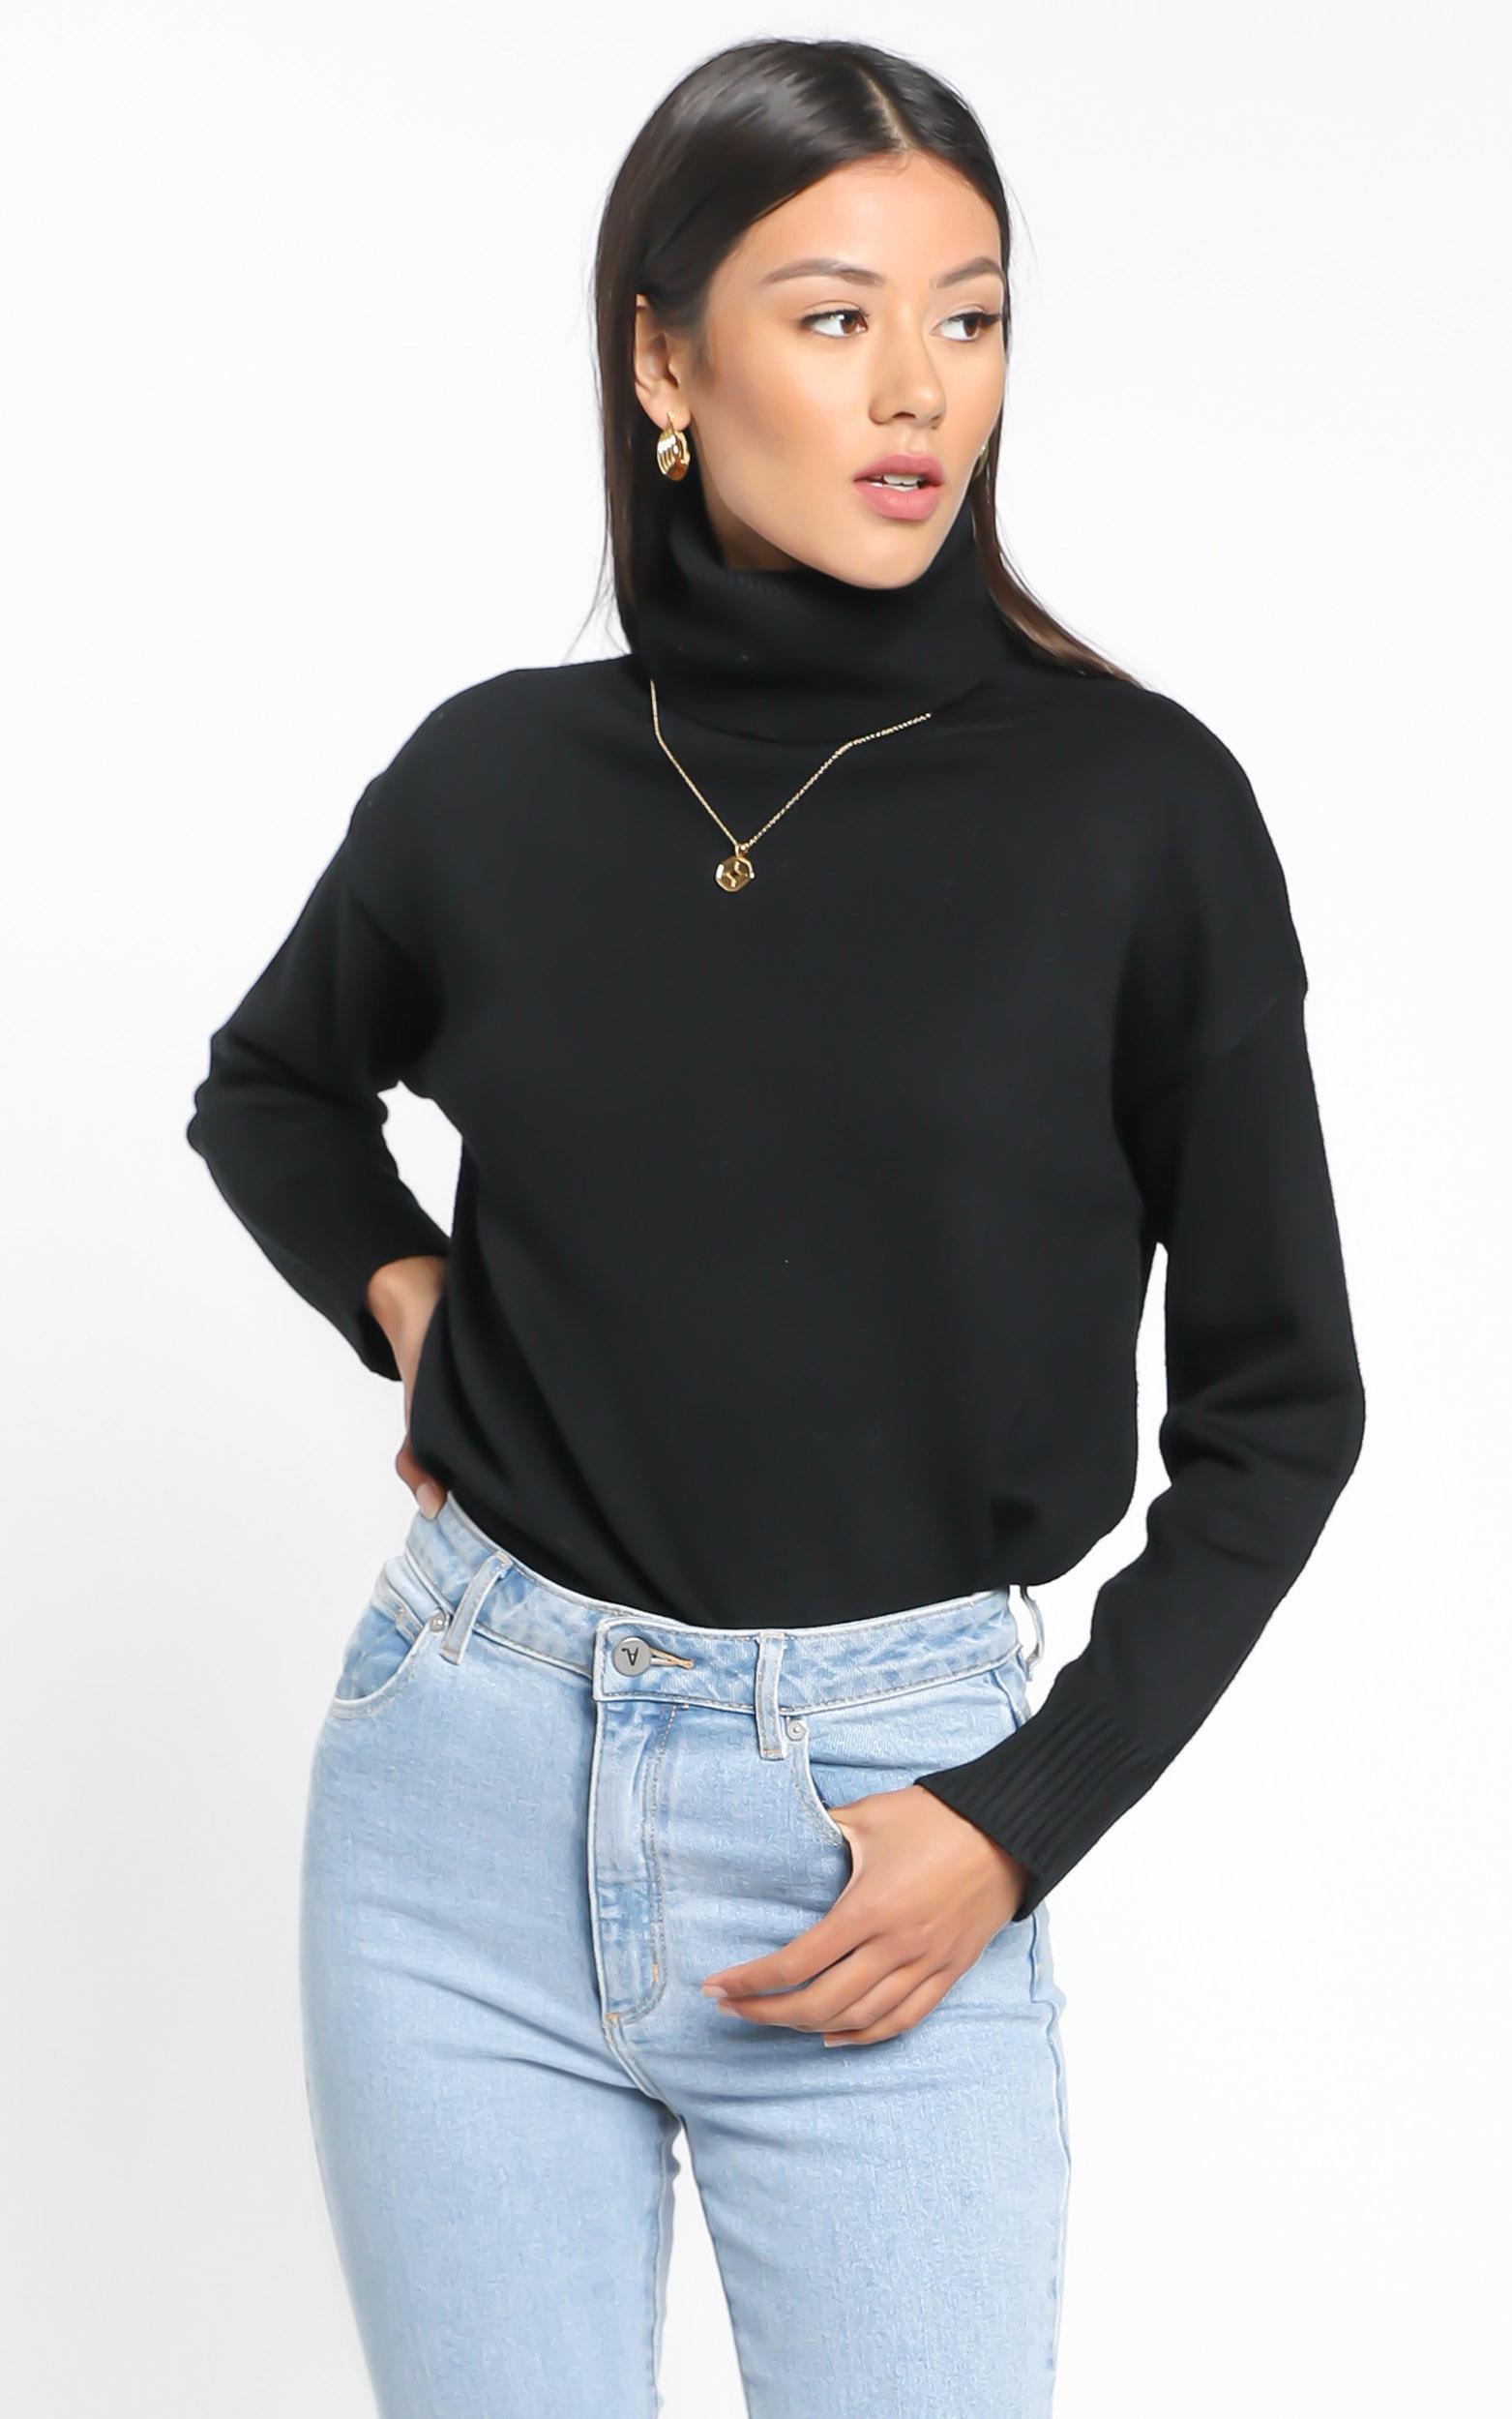 Irvette Knit Jumper in Black - M/L, Black, hi-res image number null